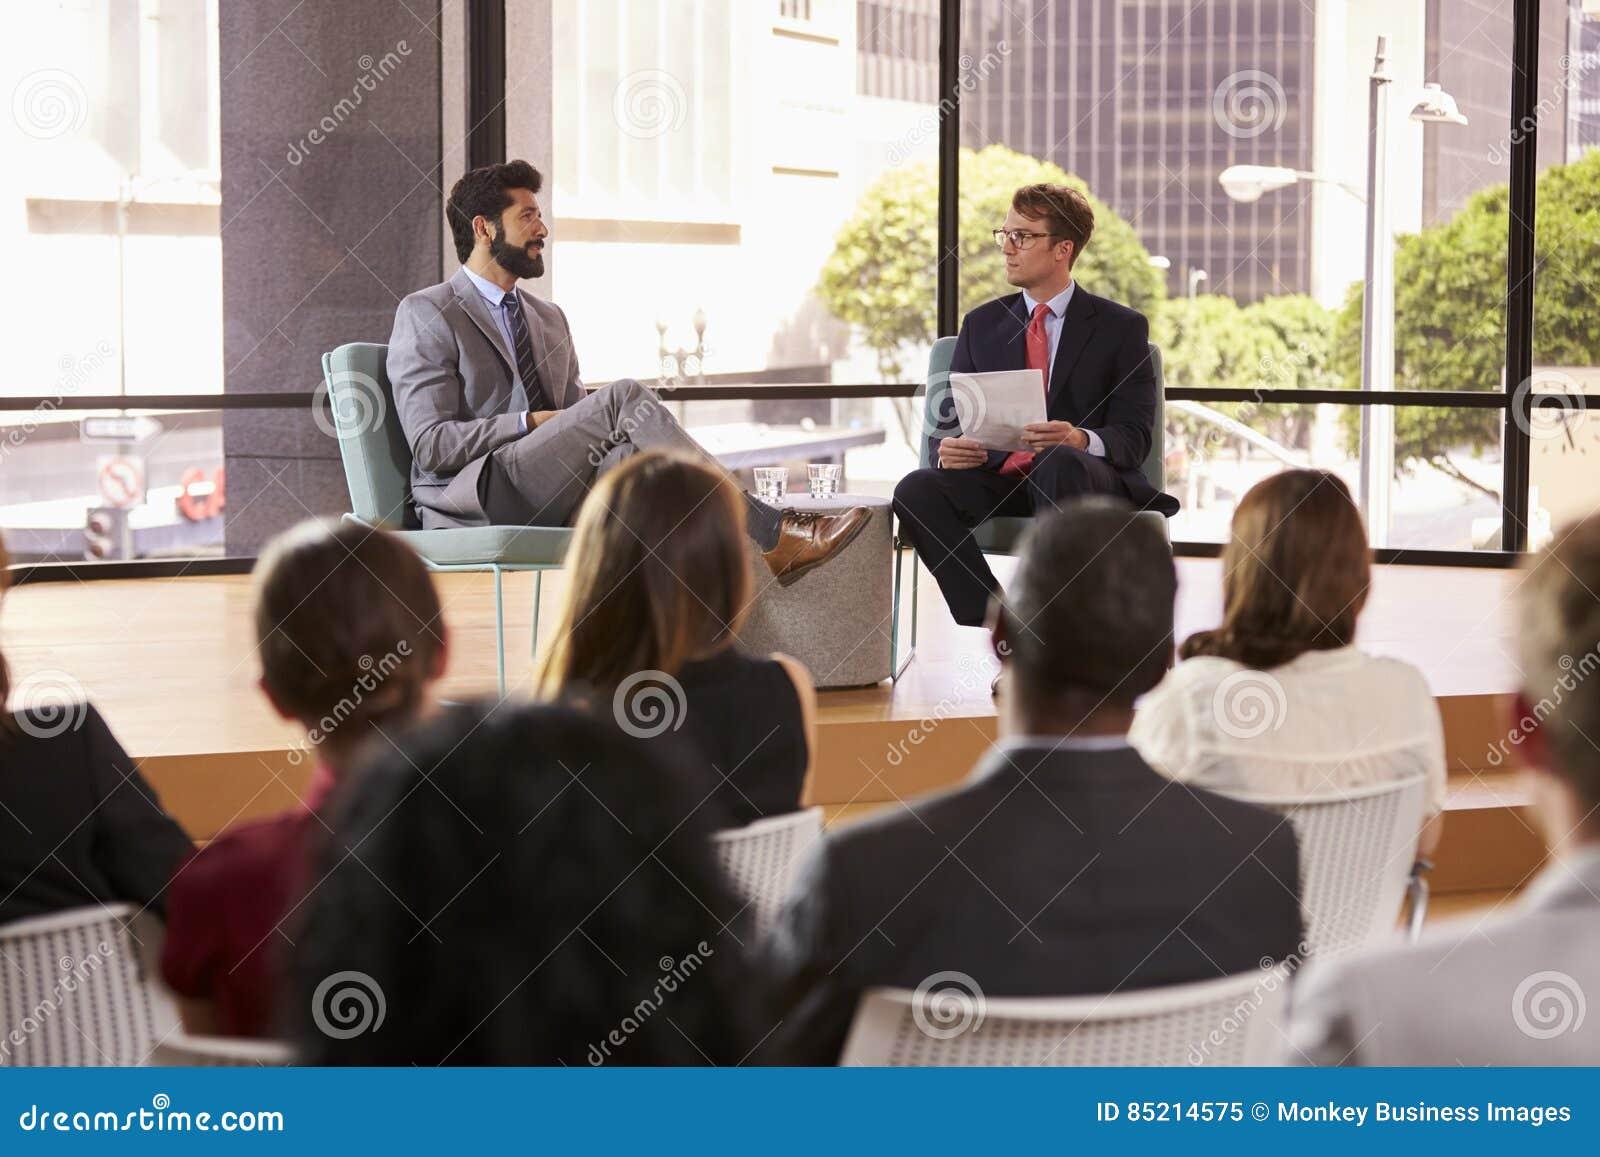 报告人和采访者在观众前面在研讨会